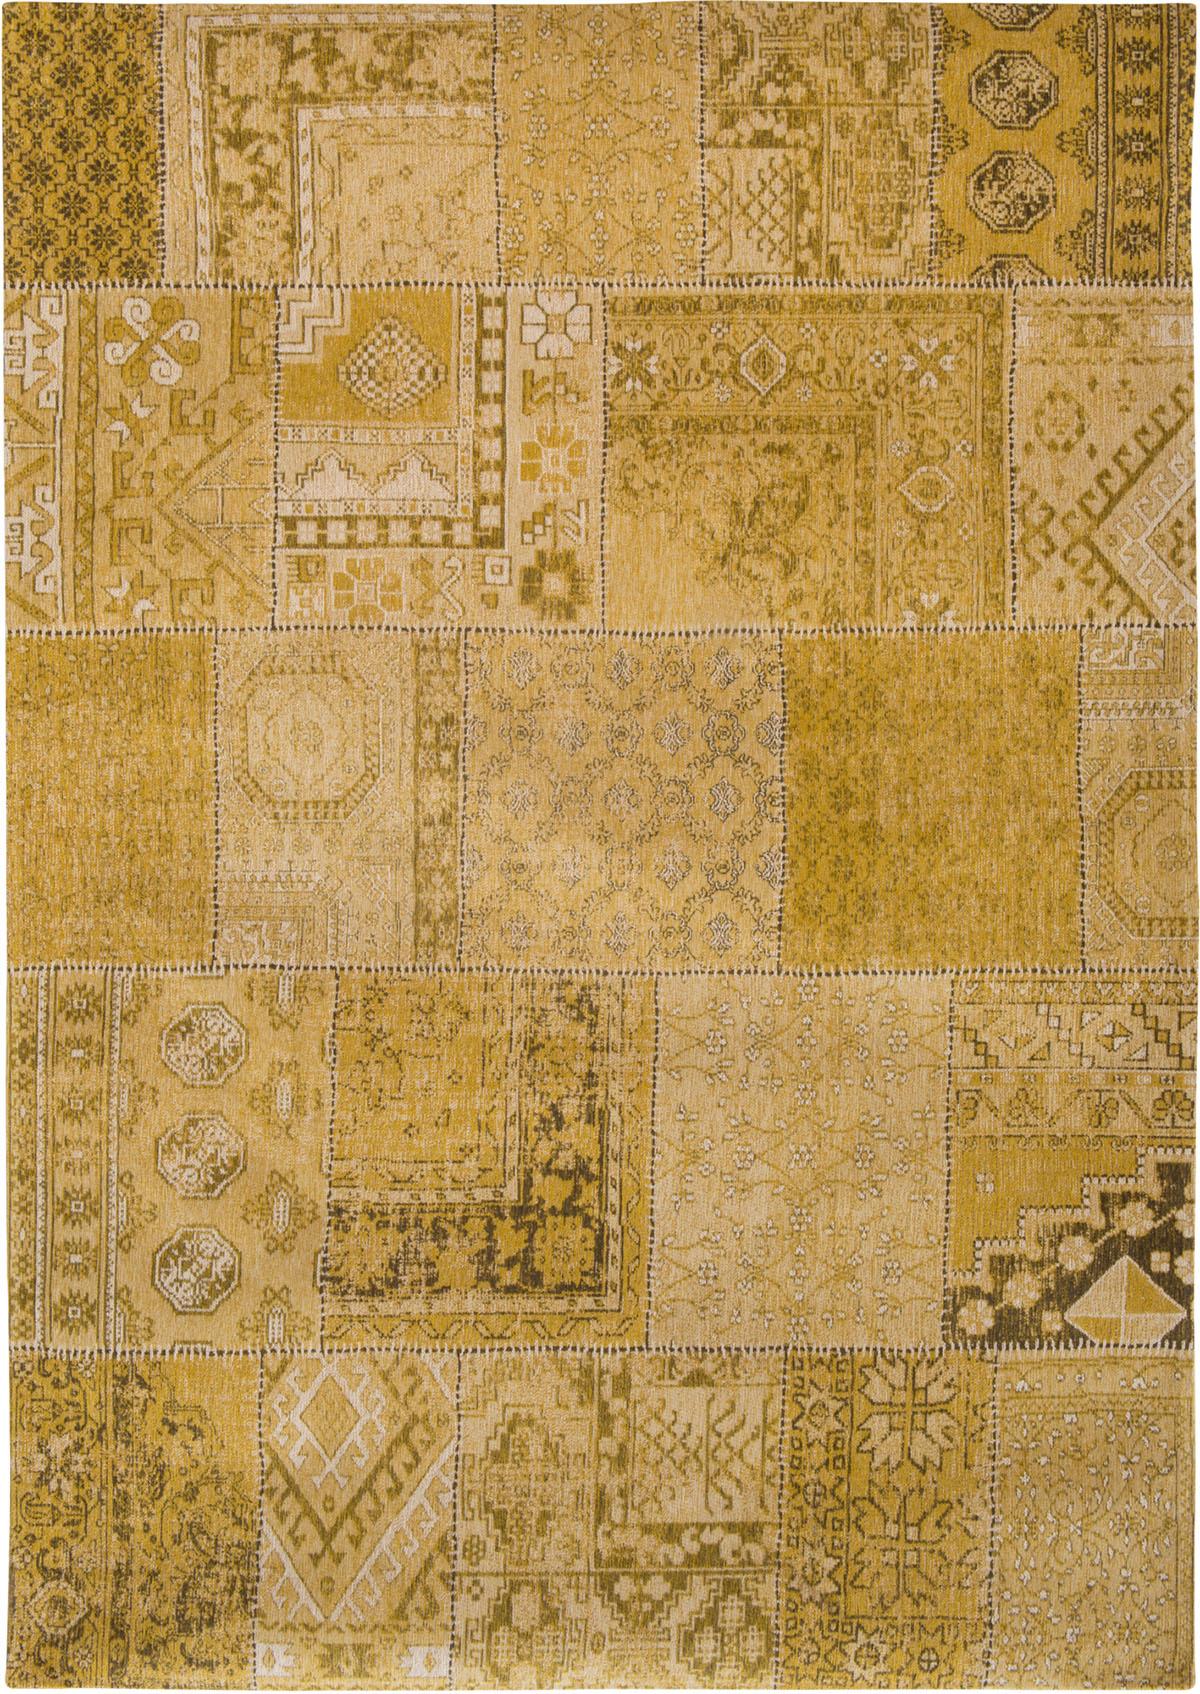 żółty Dywan Patchwork - palmyra gold 8686